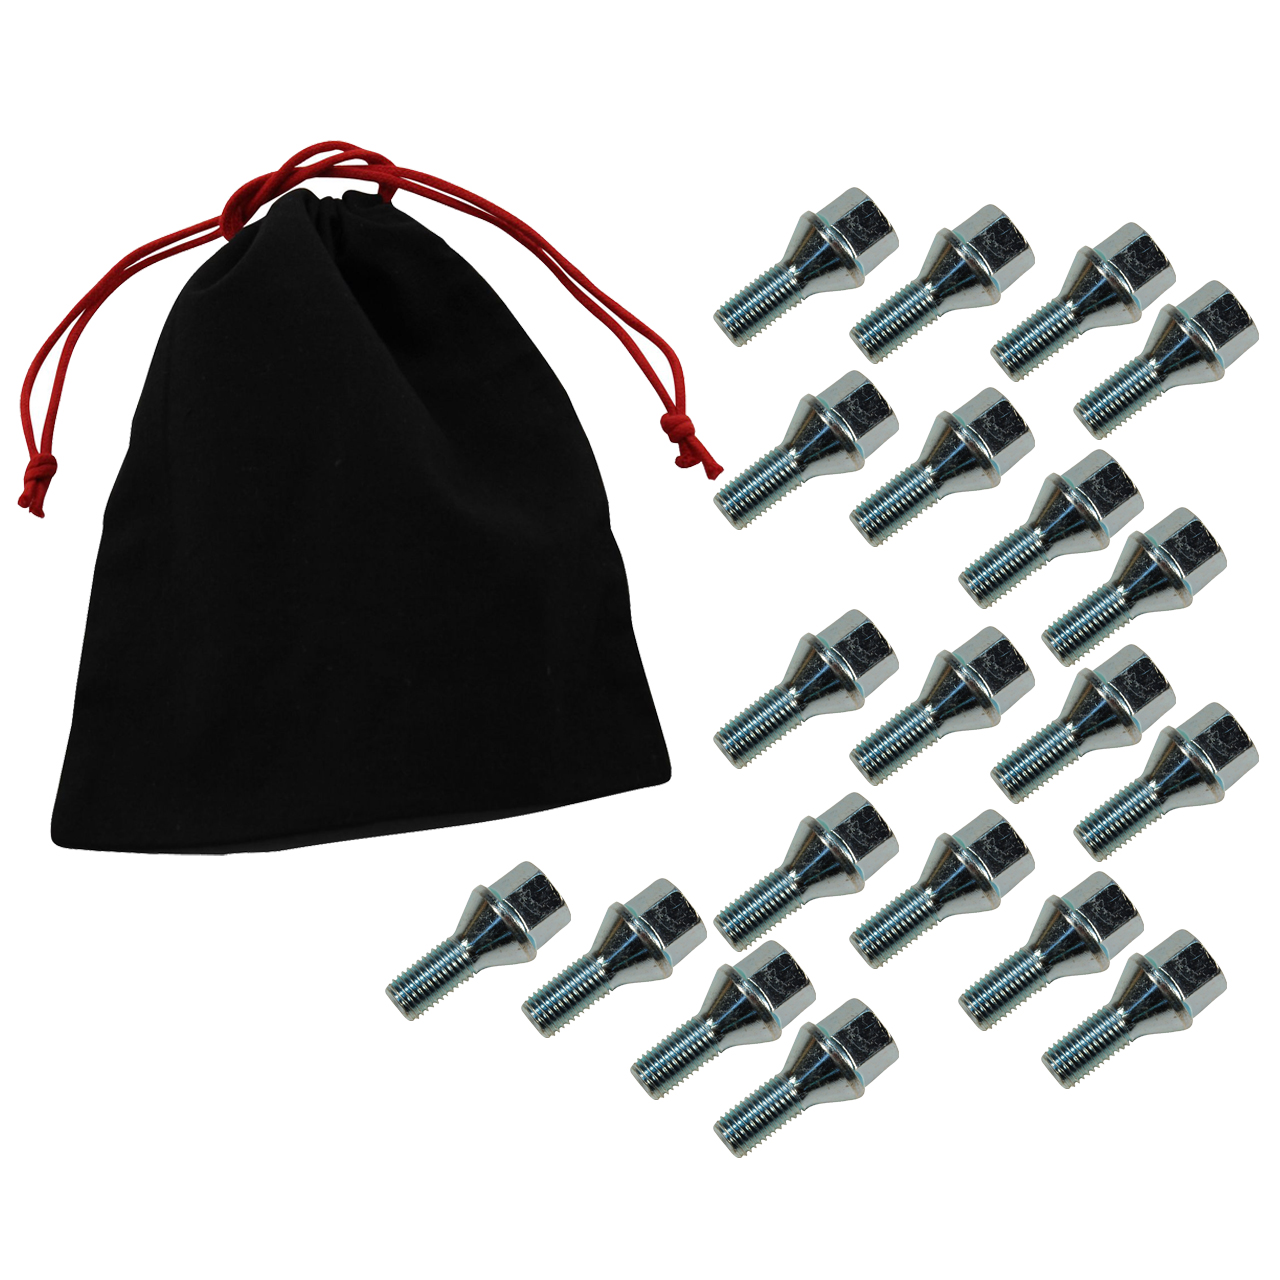 20x Radbolzen Radschrauben M12x1,5mm 22mm für FIAT OPEL SUZUKI 1008504 + Beutel